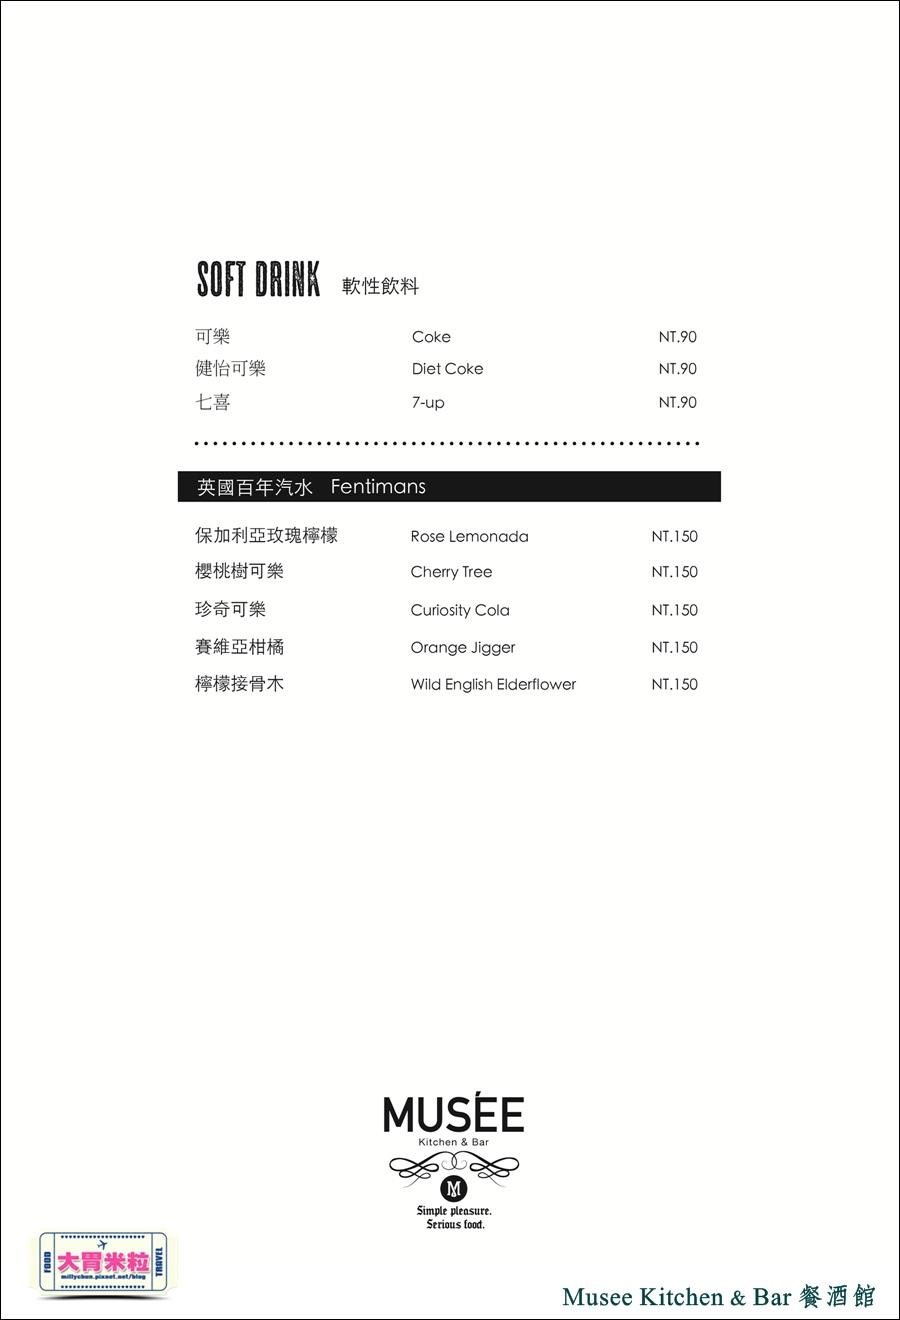 台北特色餐酒館推薦-Musee Kitchen & bar 工業風傢俱餐酒館-millychun0085.jpg